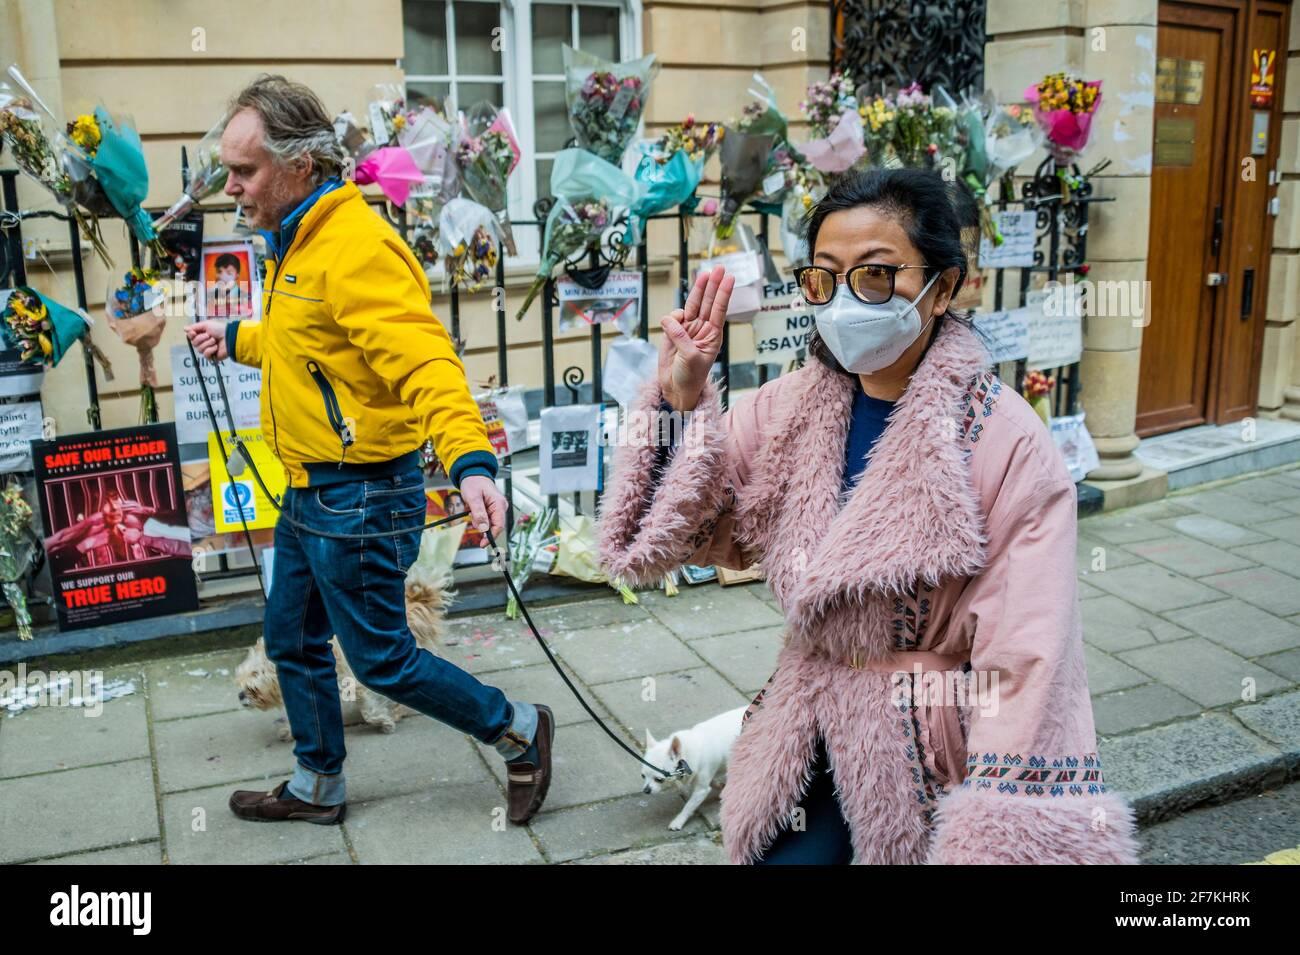 Londres, Reino Unido. 8th de Abr de 2021. Los manifestantes se despedazaron después de que el Embajador Kyaw Zwar Minn (que el mes pasado rompió filas con la junta militar de su país) se le denegara el acceso a la embajada en Mayfair, Londres. Los manifestantes también exigen que los militares de Myanmar/Birmania reinstauren al gobierno democrático después de su golpe y piden ayuda al gobierno del Reino Unido. Crédito: Guy Bell/Alamy Live News Foto de stock